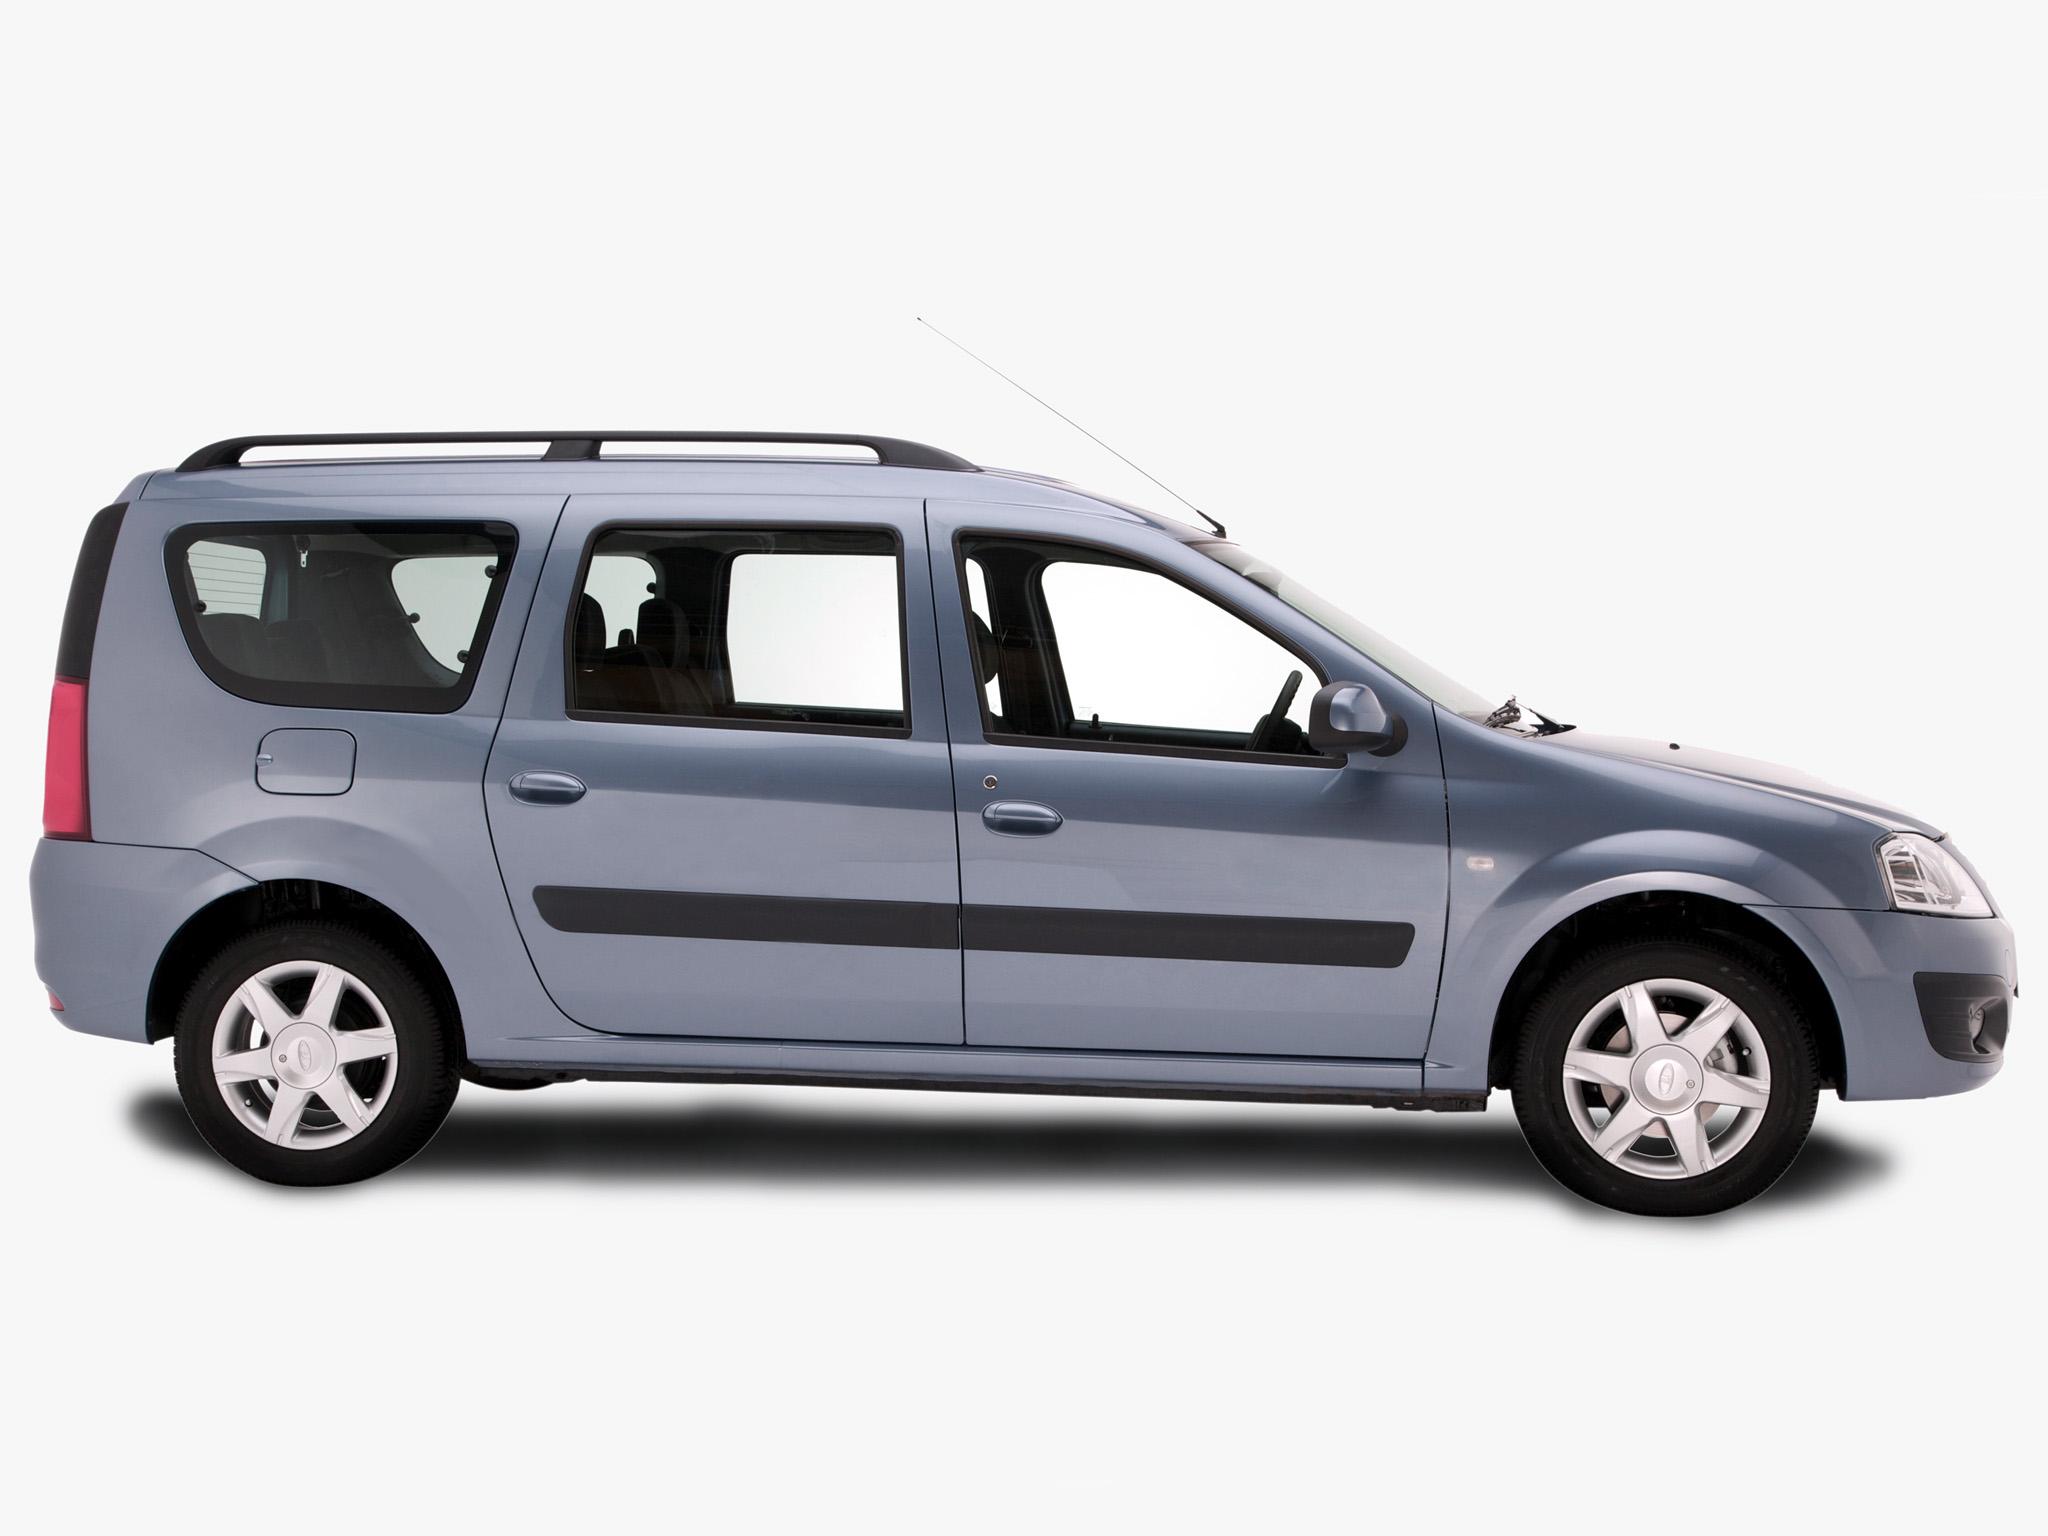 Специалисты озвучили более известные авто для сдачи влизинг